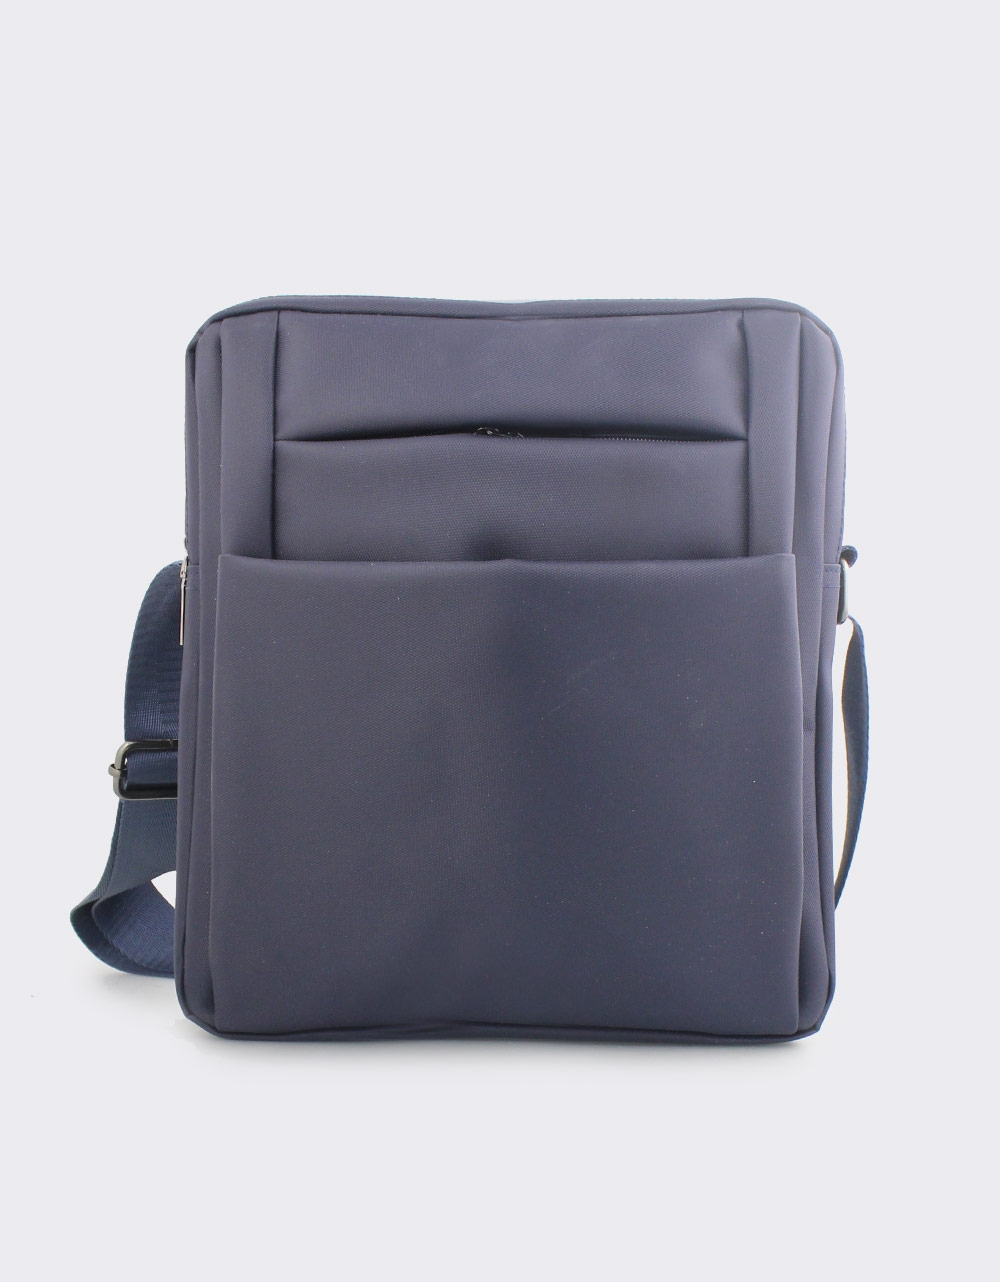 Εικόνα από Ανδρικές τσάντες ώμου με εξωτερική θήκη Μπλε